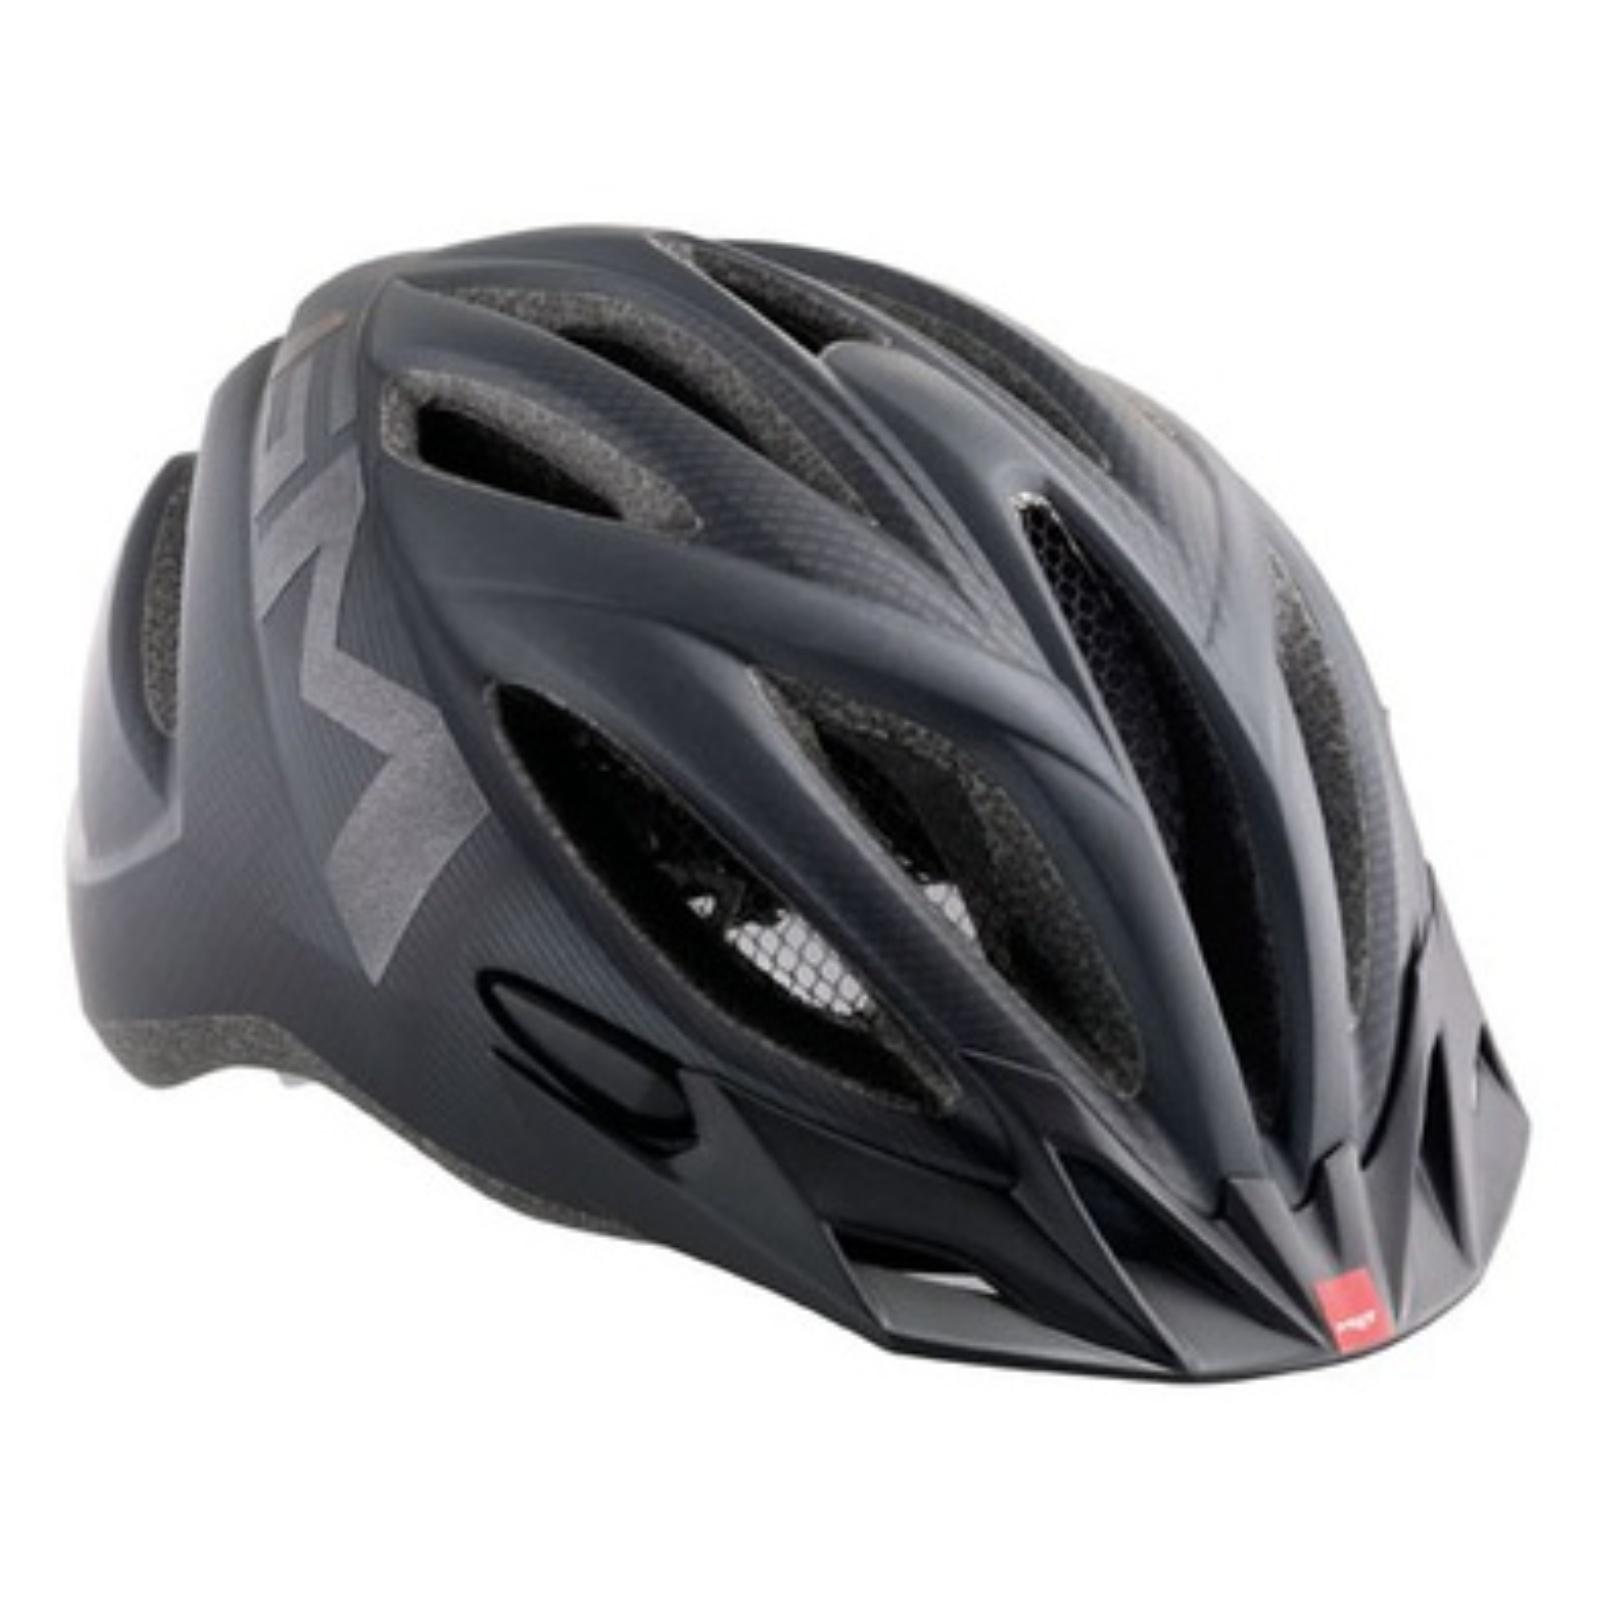 Cyklo přilba MET 20 Miles 52-58 matná-černá